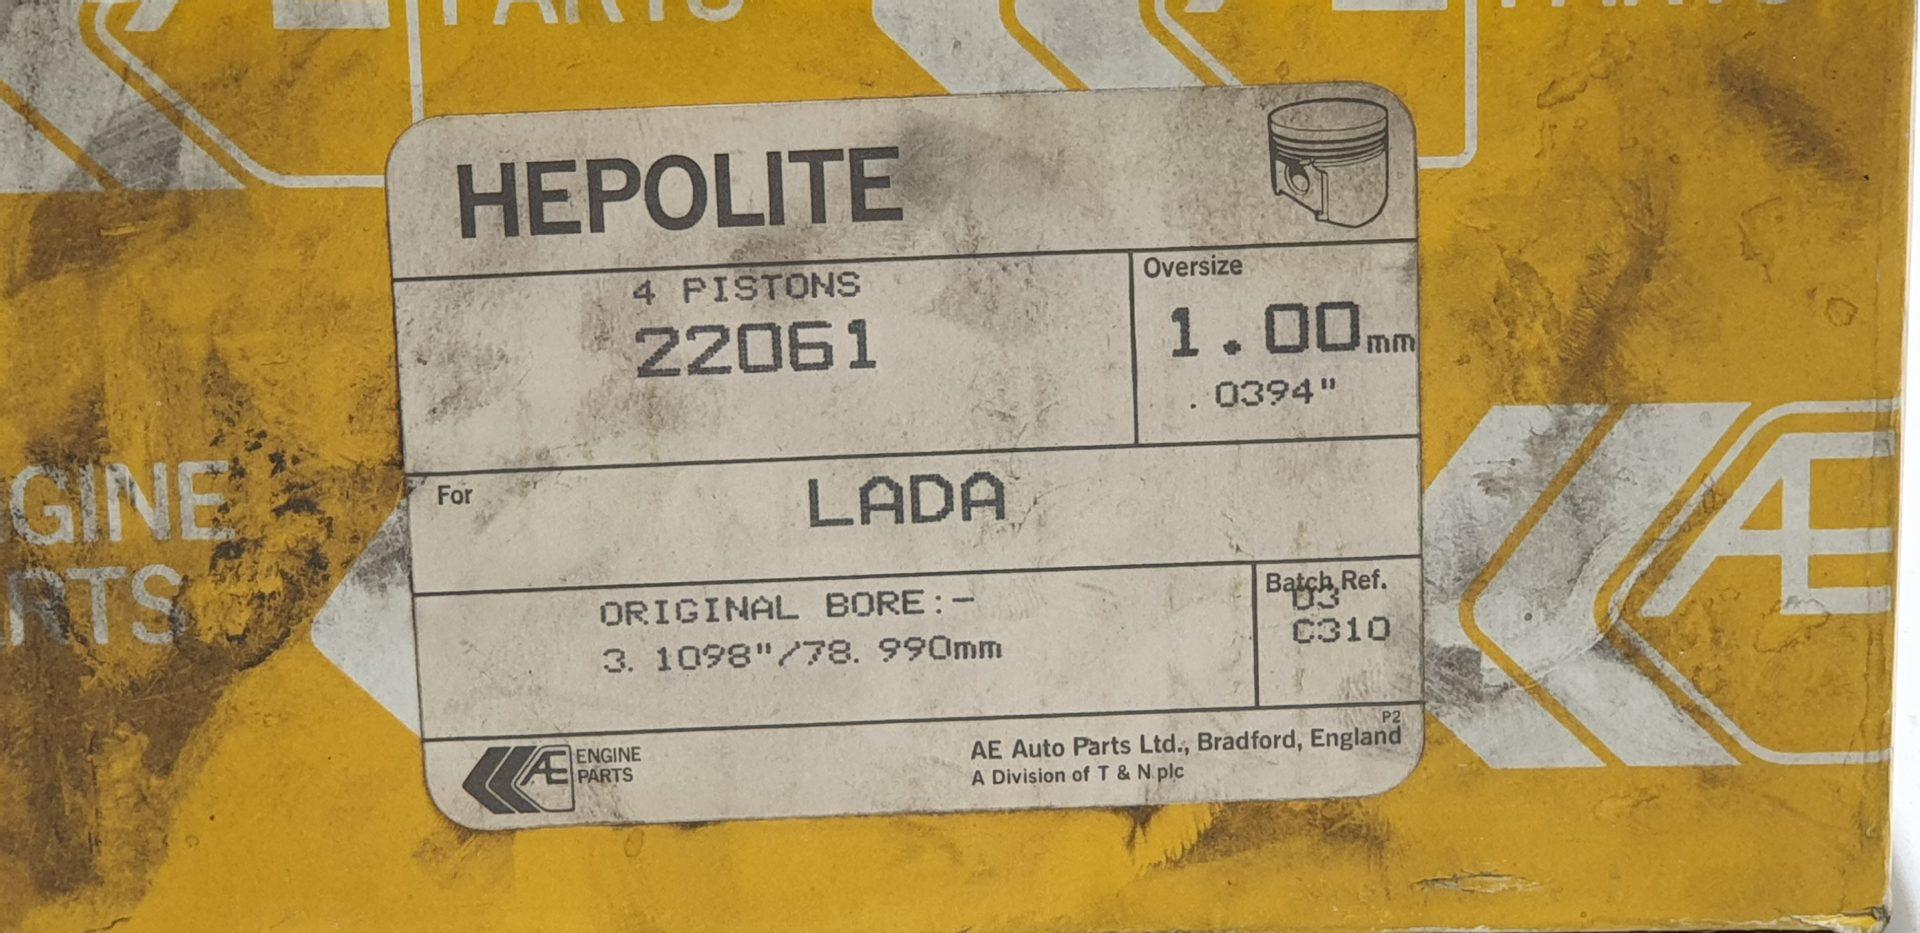 lada 22061 +1,00mm l